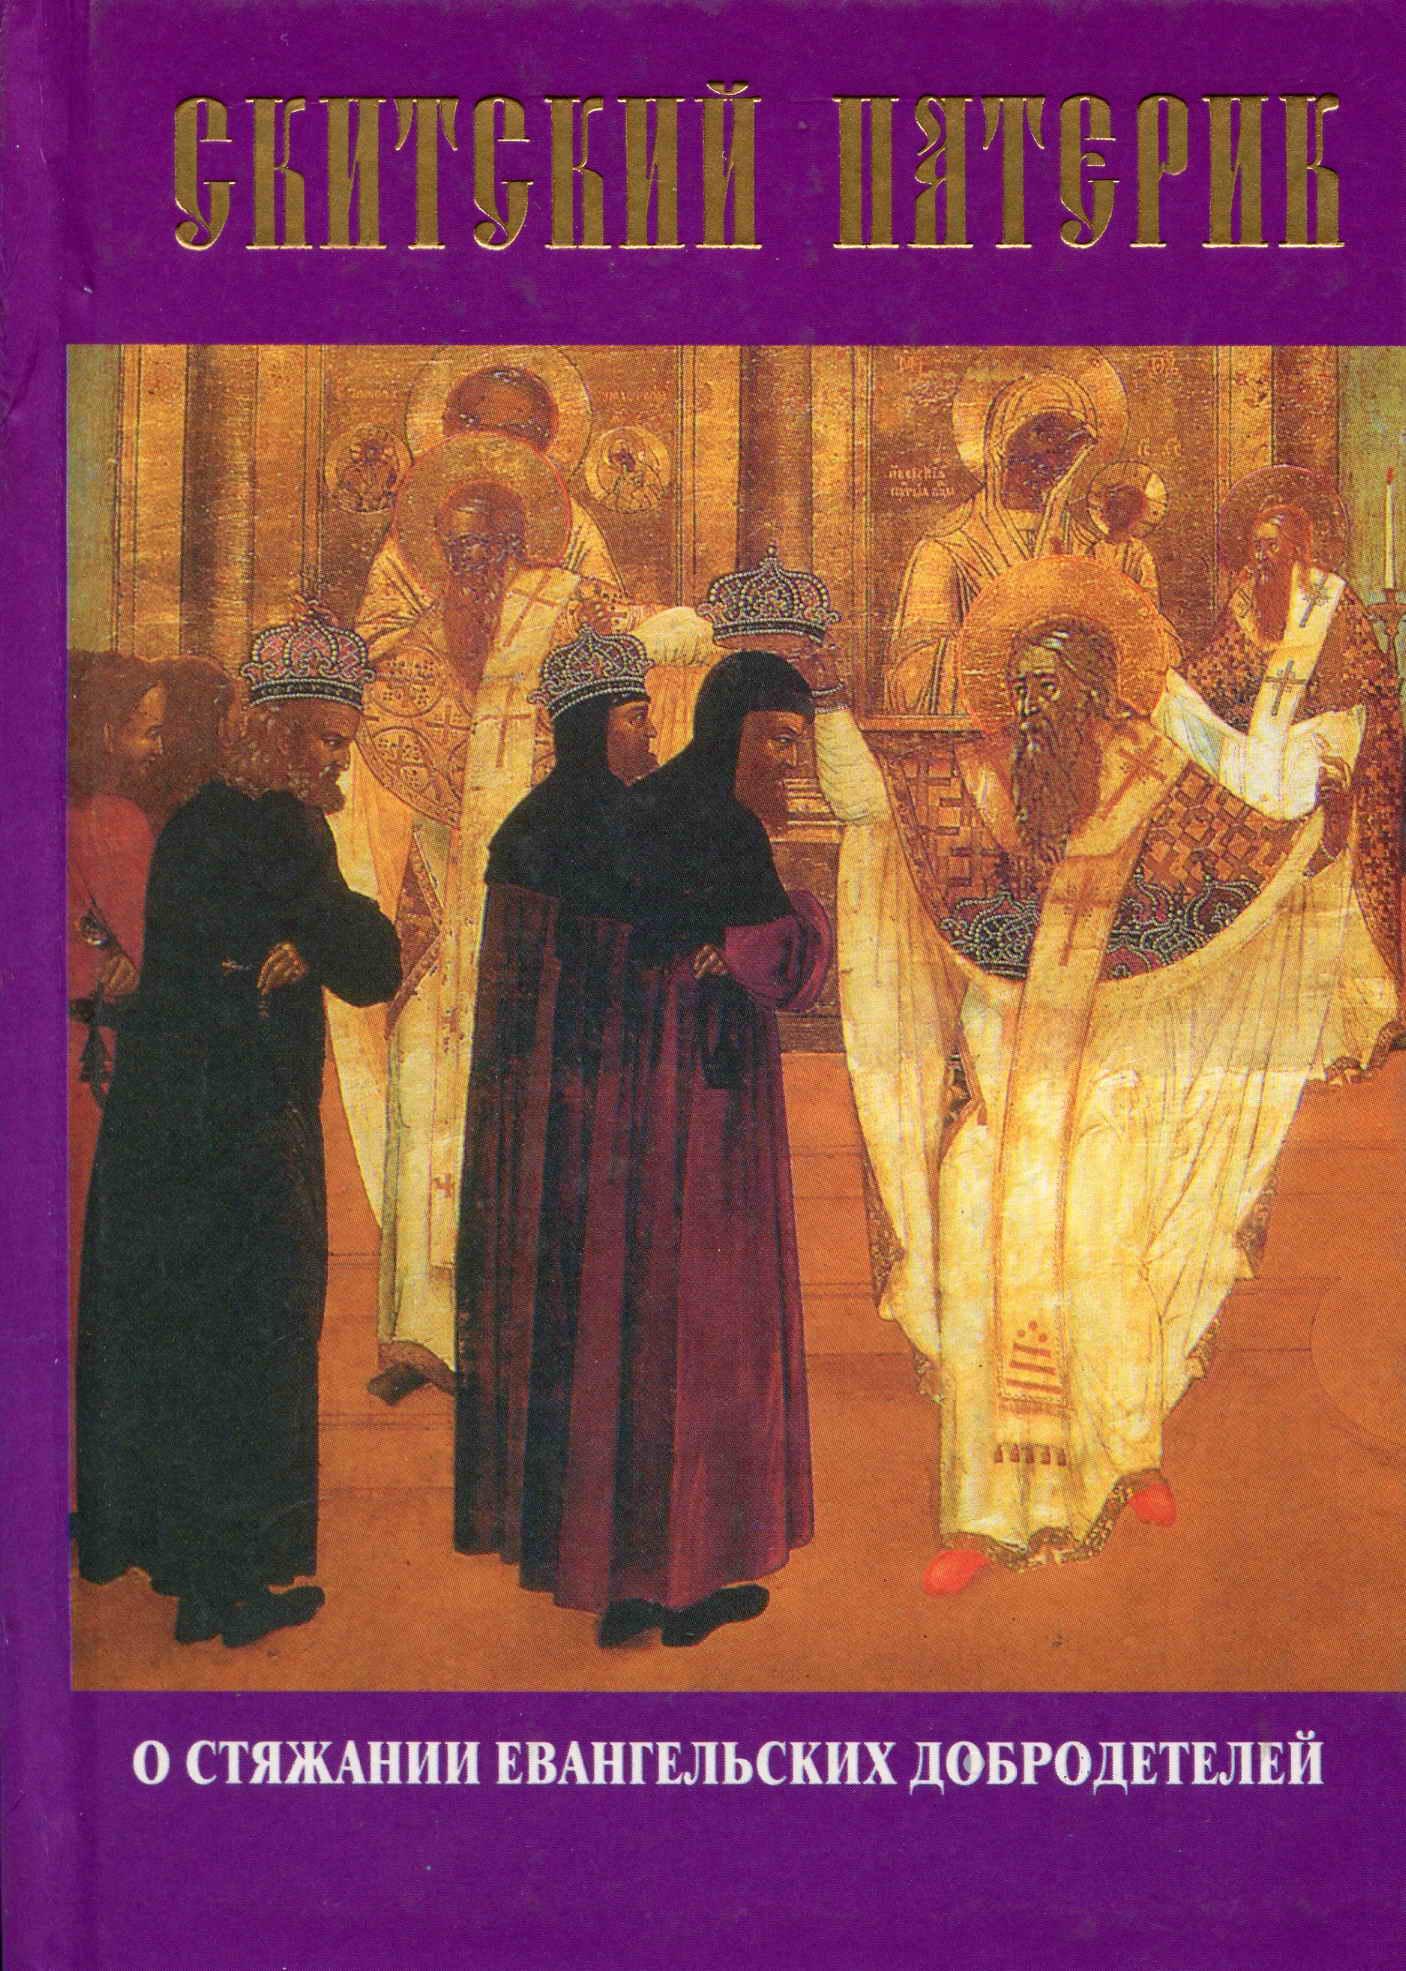 skitskiy paterik o styazhanii evangelskikh dobrodeteley